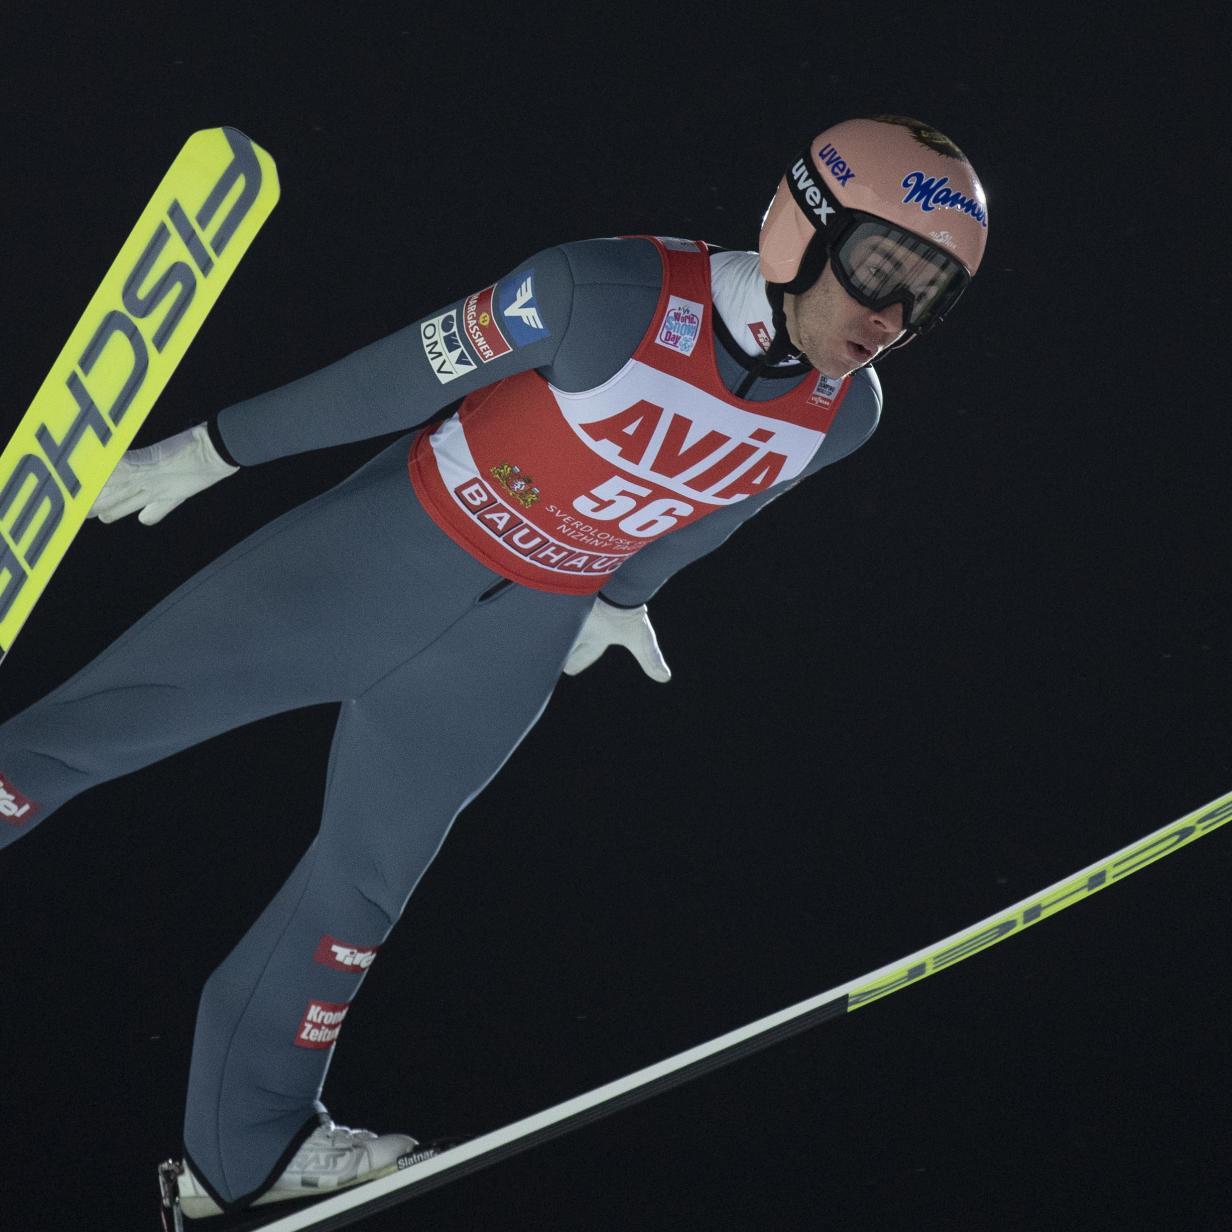 Stefan Kraft gewinnt die Qualifikation in Klingenthal